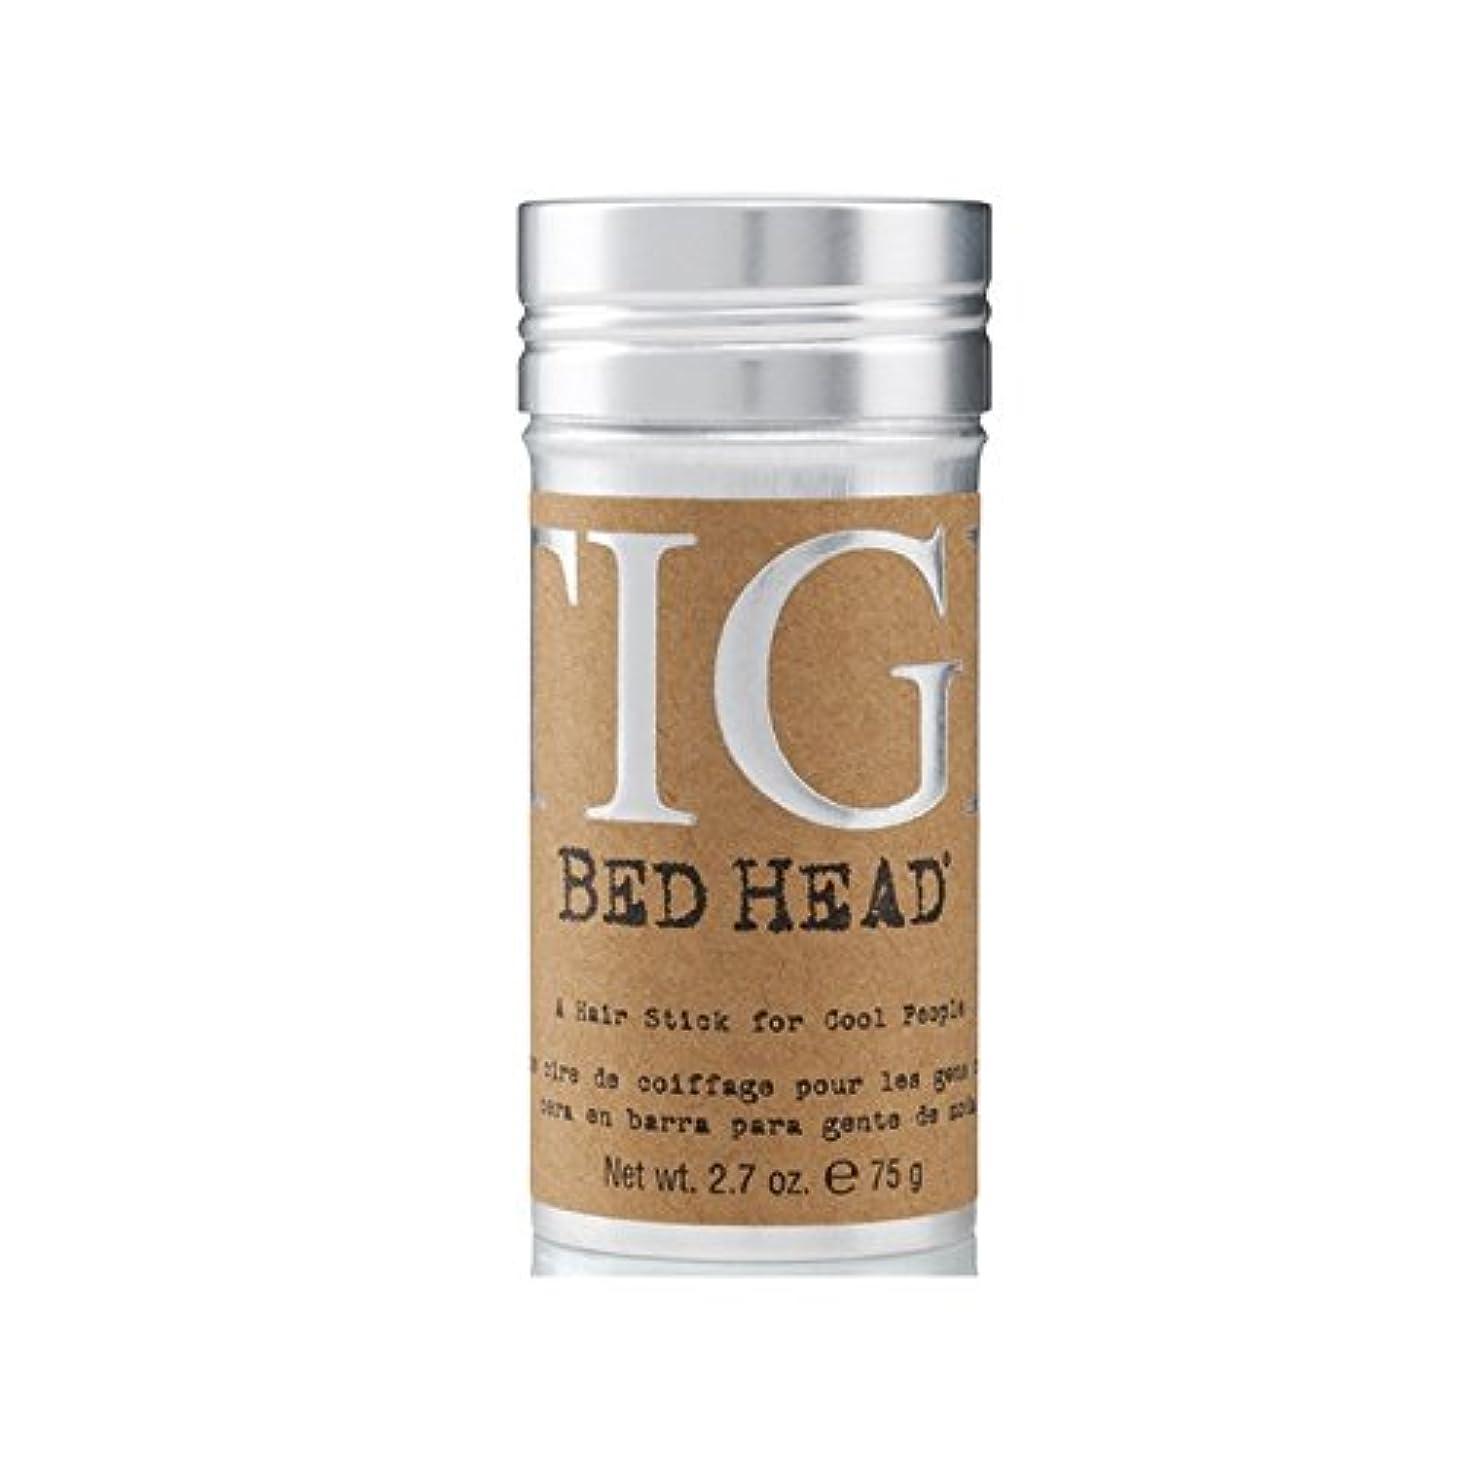 ボリュームターミナル晴れTigi Bed Head Wax Stick (75G) - ティジーベッドヘッドワックススティック(75グラム) [並行輸入品]